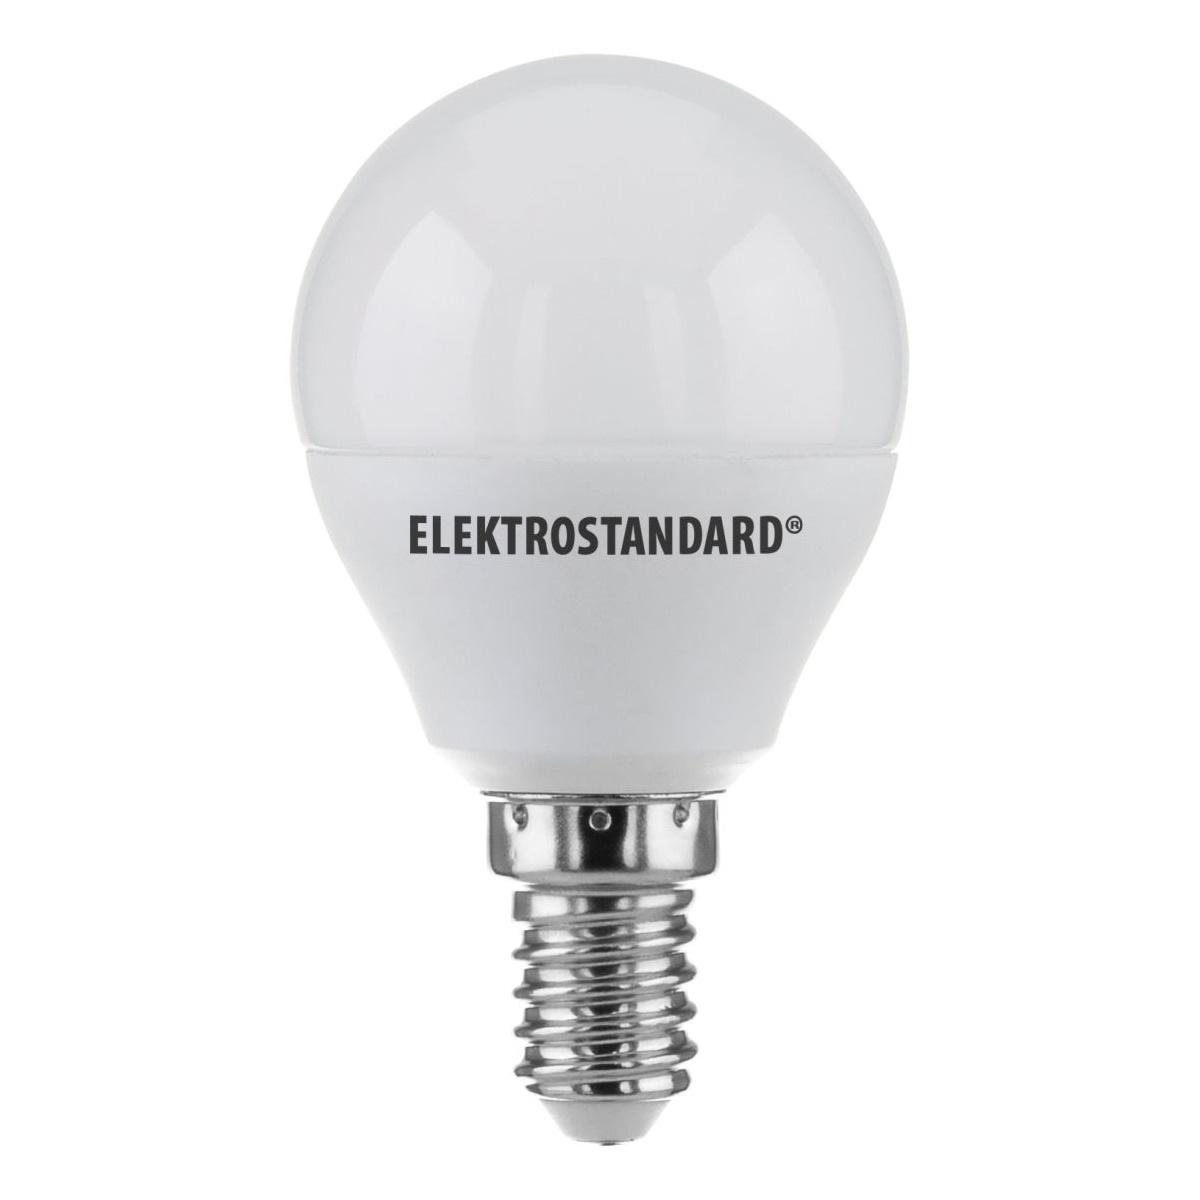 Лампочка Elektrostandard светодиодная Mini Classic LED 7W 4200K E14 матовое стекло, Нейтральный свет 7 Вт, Светодиодная лампы светодиодная elektrostandard classic led d 7w 4200k e27